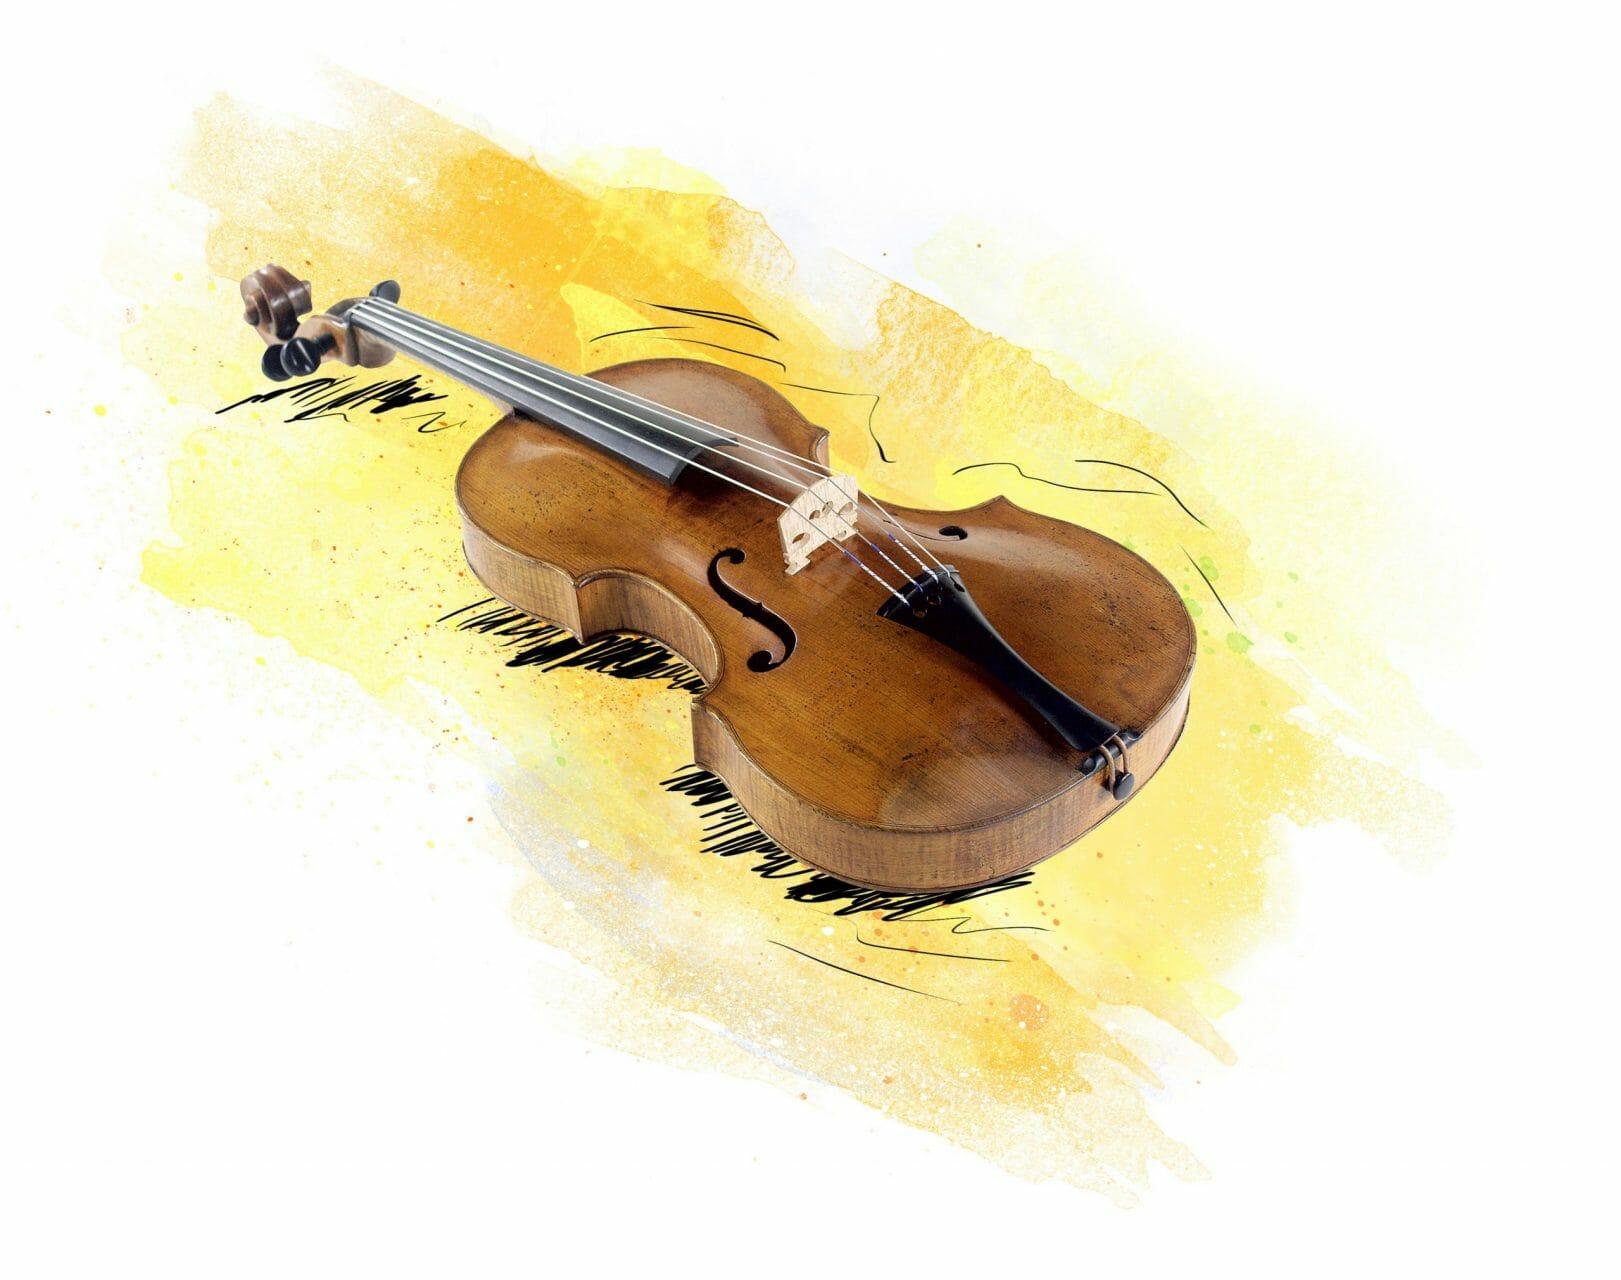 Eine Geige liegt auf gelbem Grund.